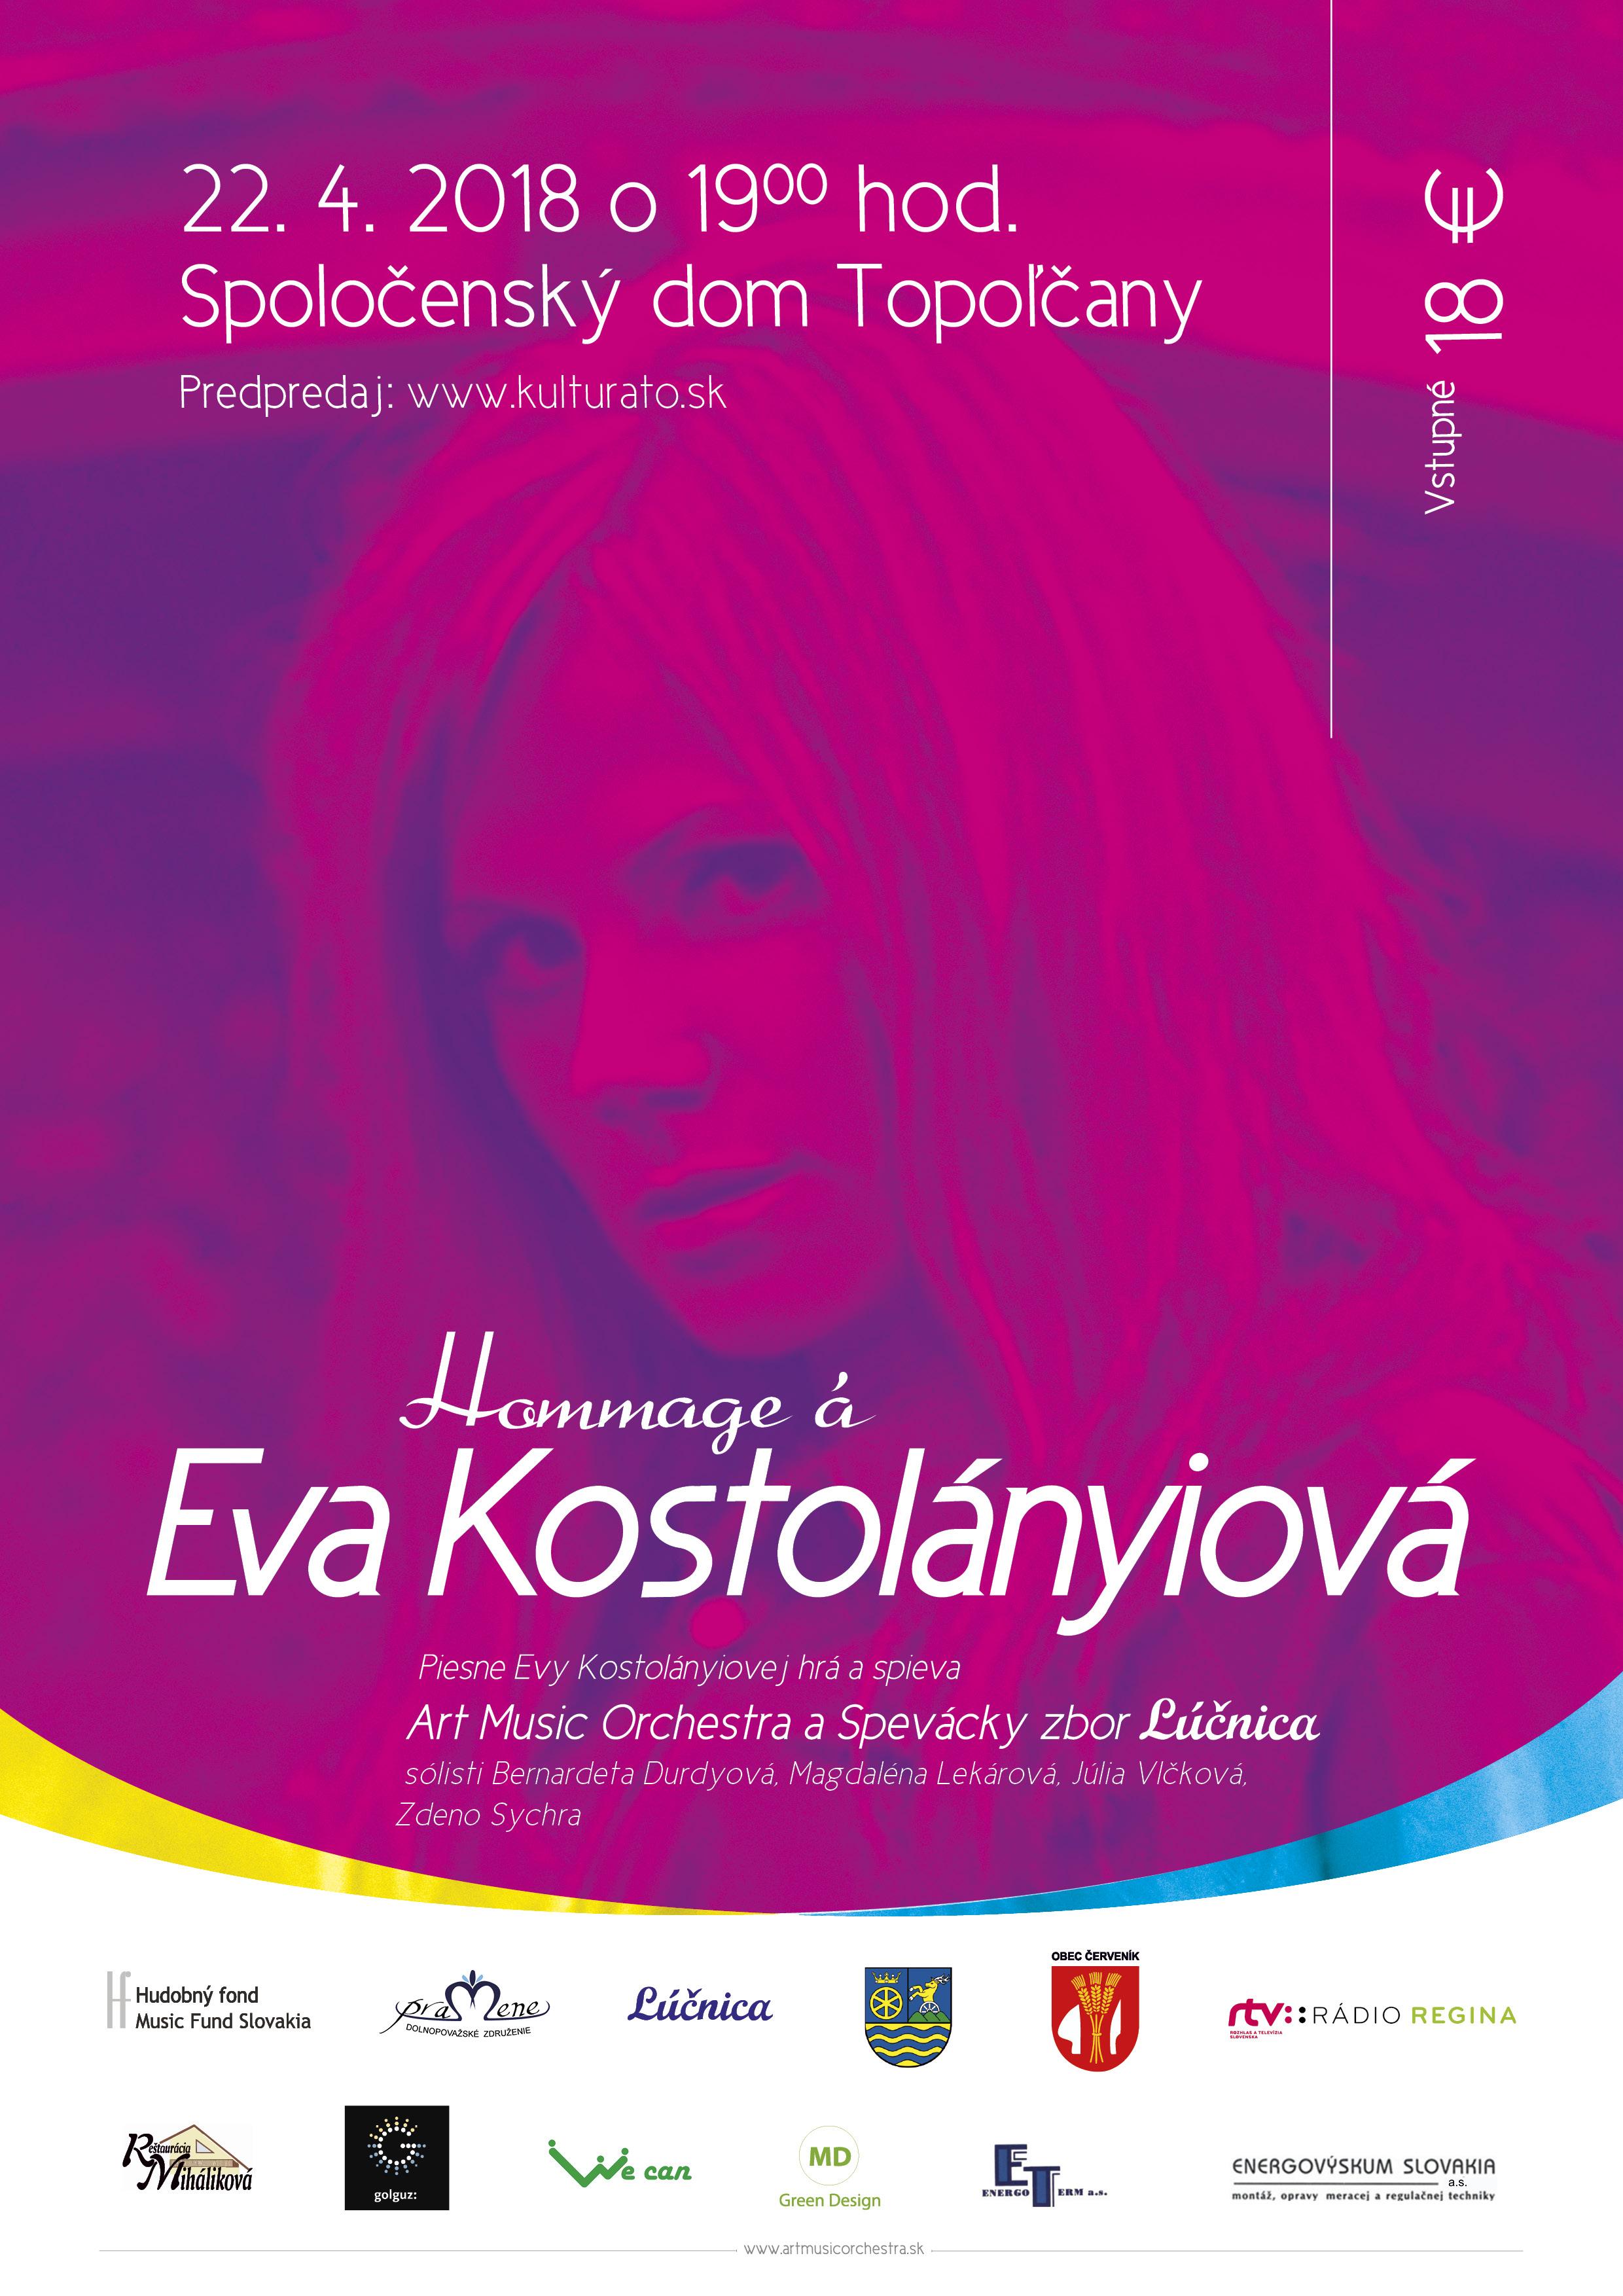 Veľkolepo komponovaný koncert s piesňami Evy Kostolányiovej de837503d06